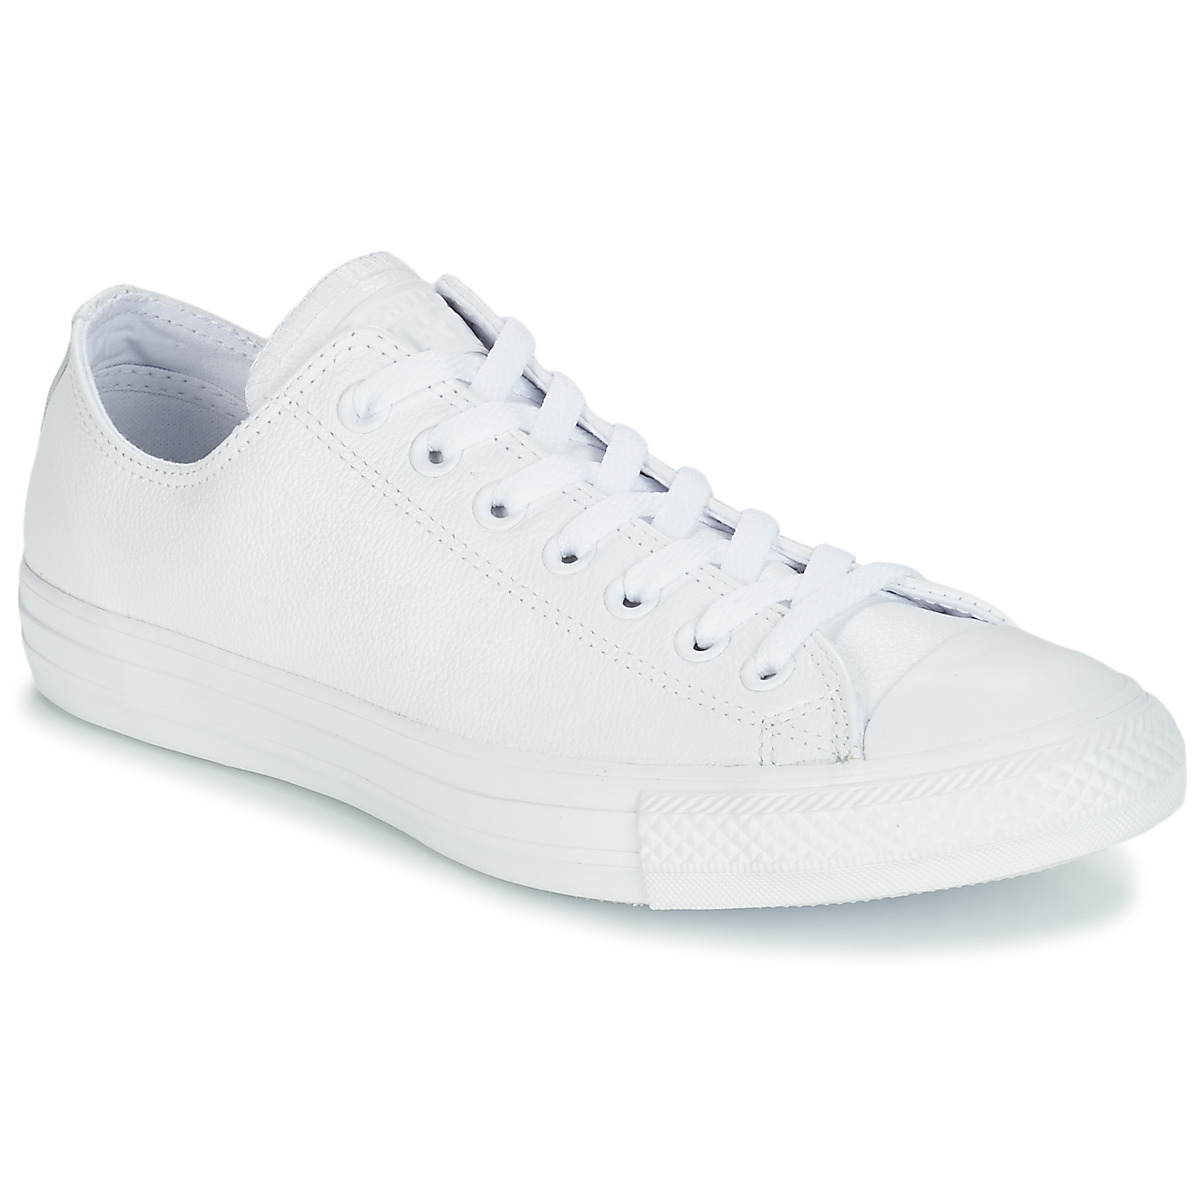 Converse ALL STAR MONOCHROME CUIR OX Weiss - Kostenloser Versand bei Spartoode ! - Schuhe Sneaker Low  67,99 €